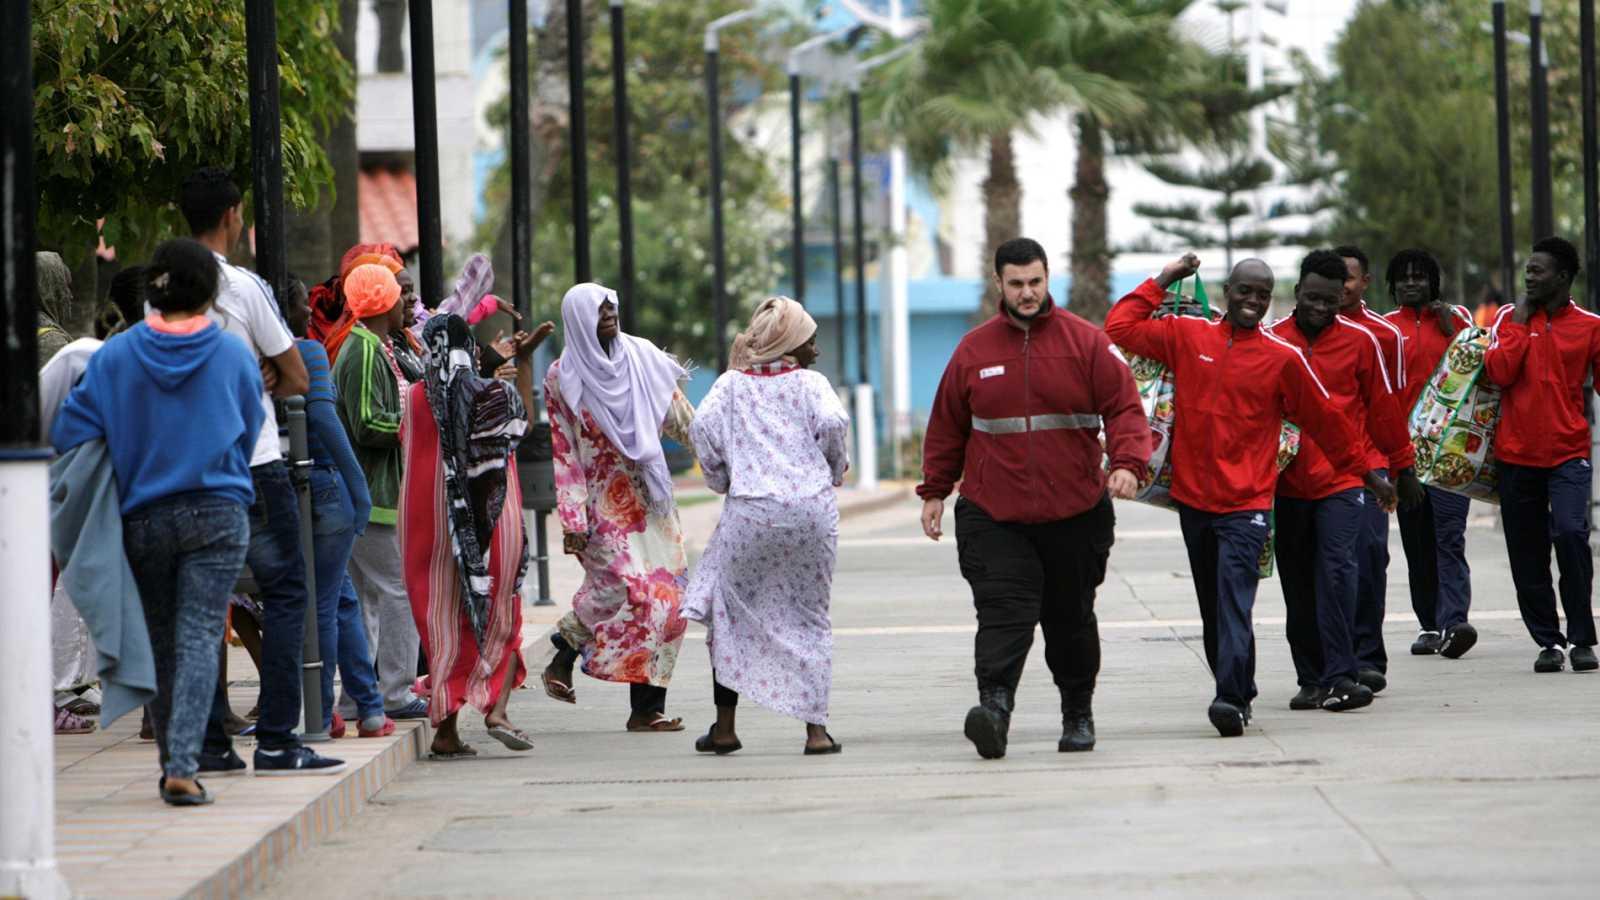 52 inmigrantes consiguen entrar en España tras saltar la valla de Melilla